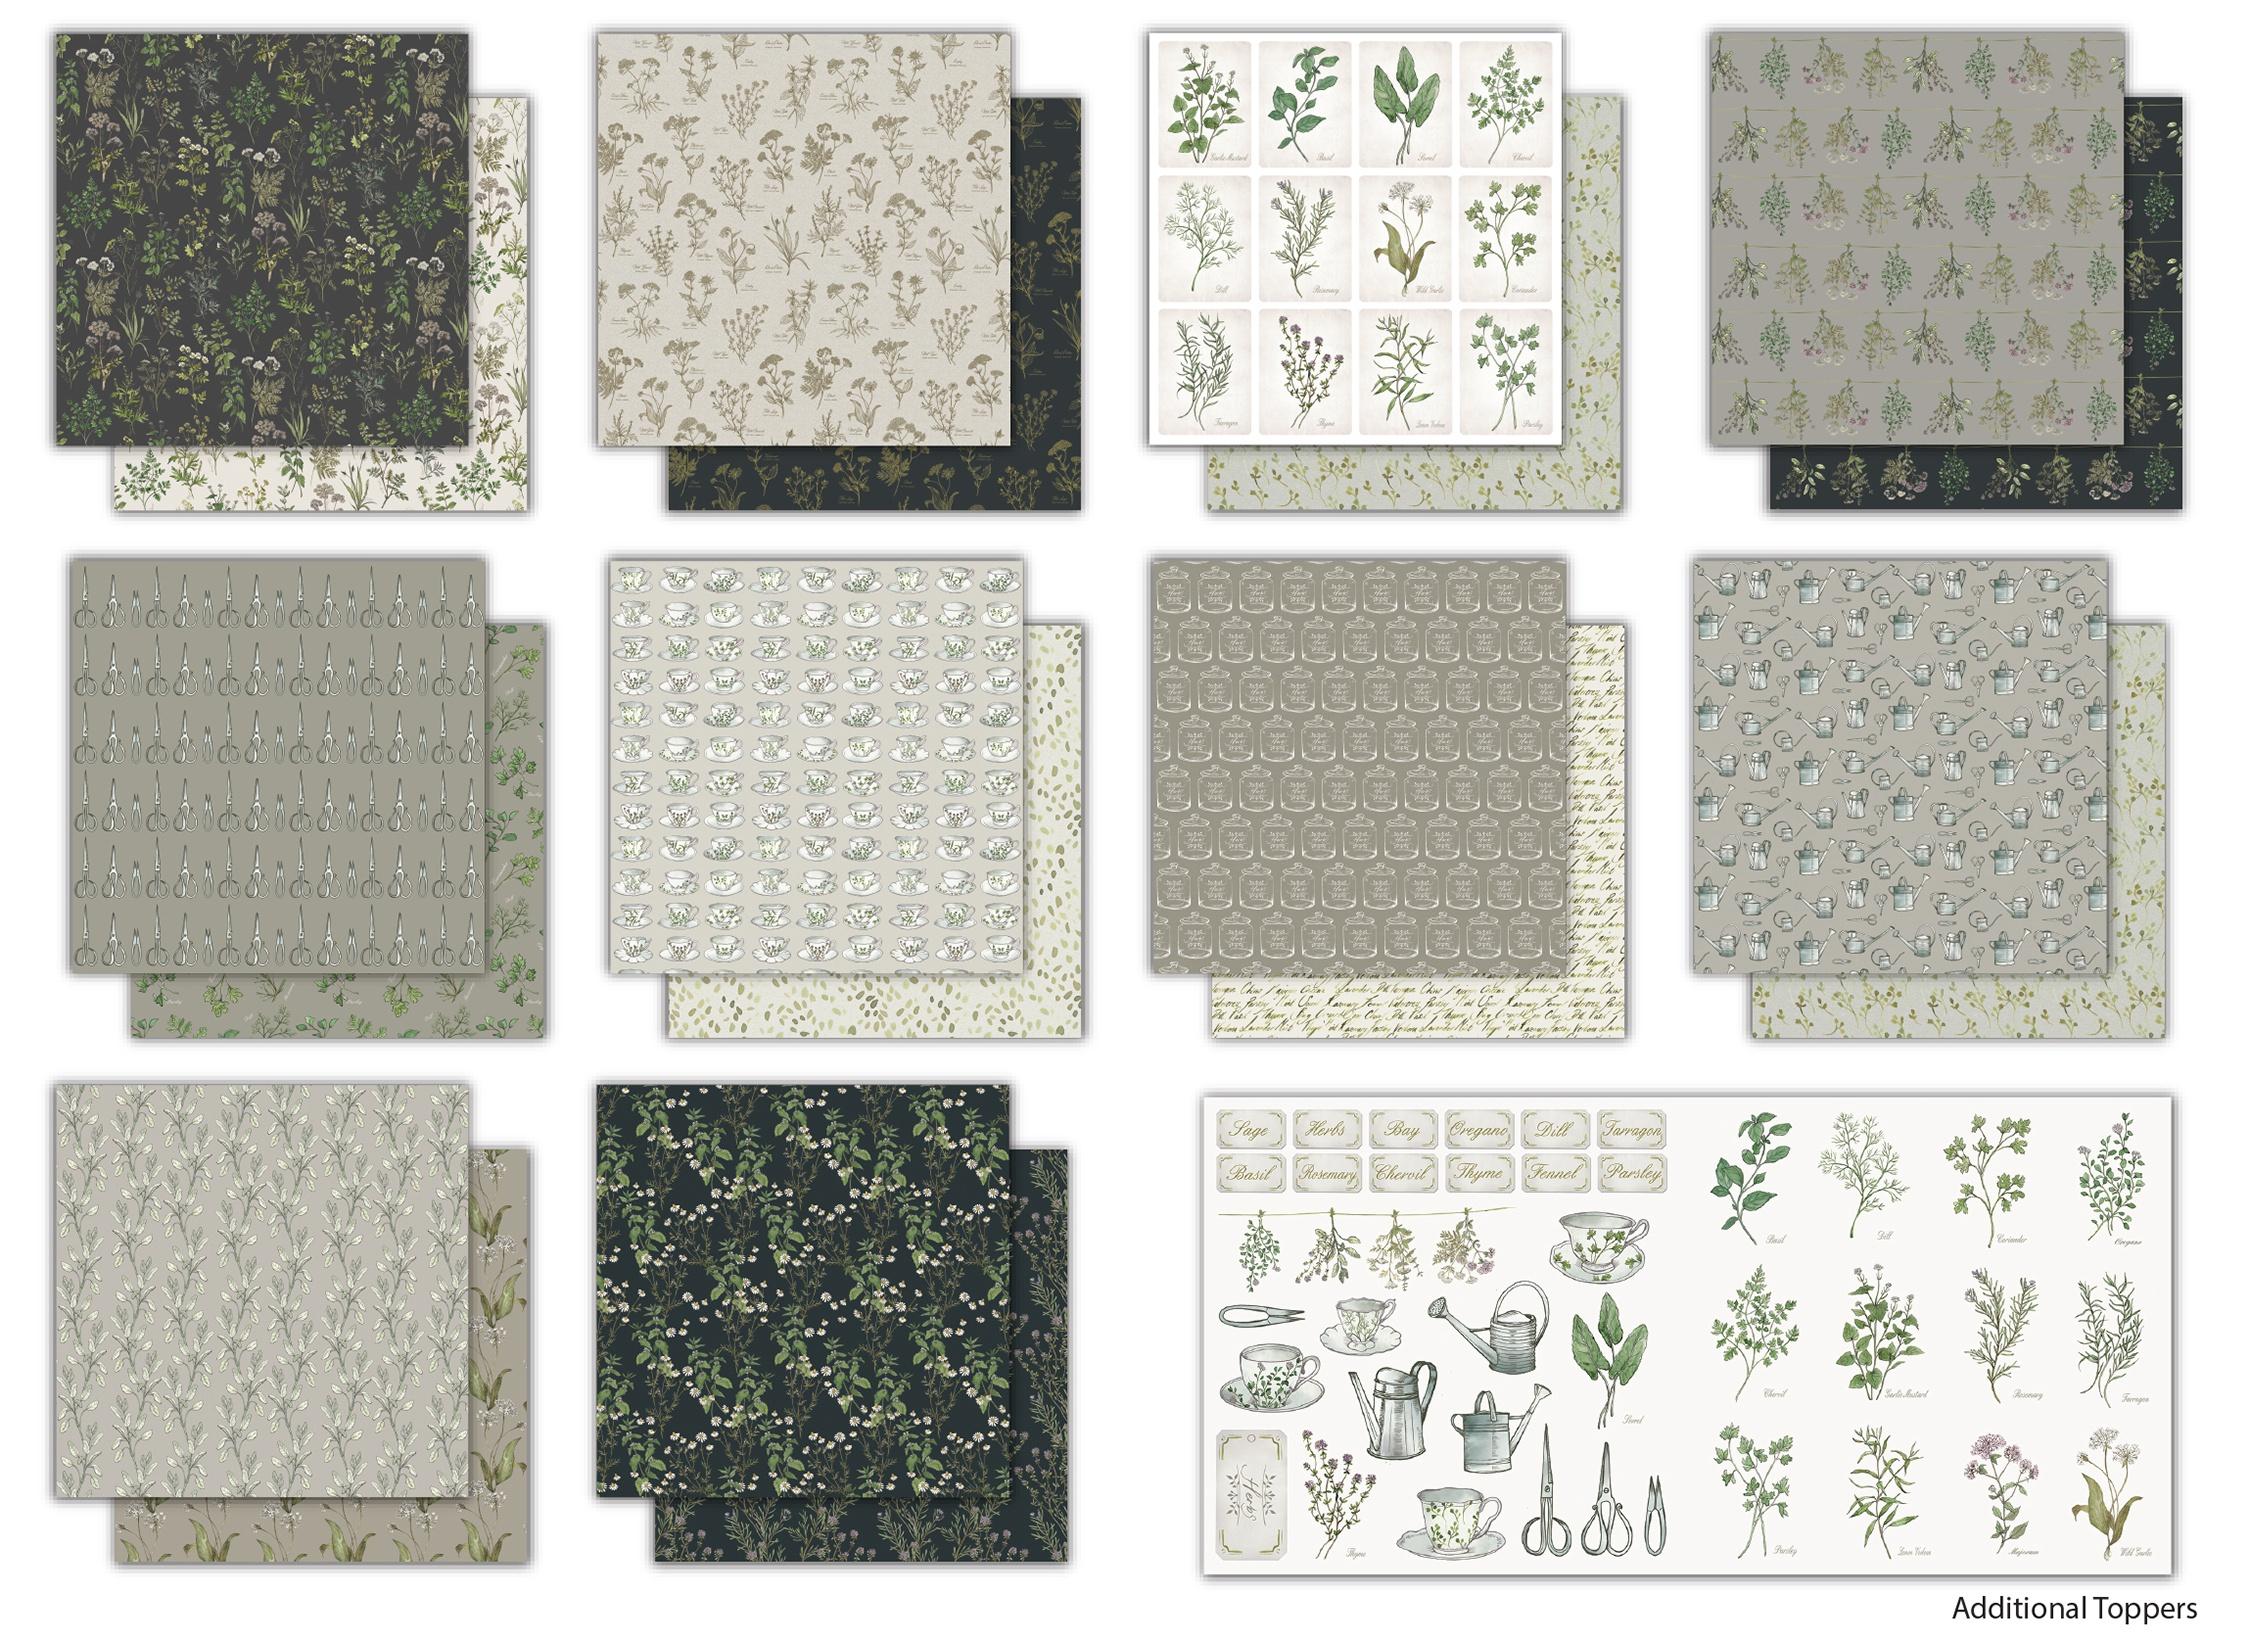 The Herbarium Paper Pad 6X6